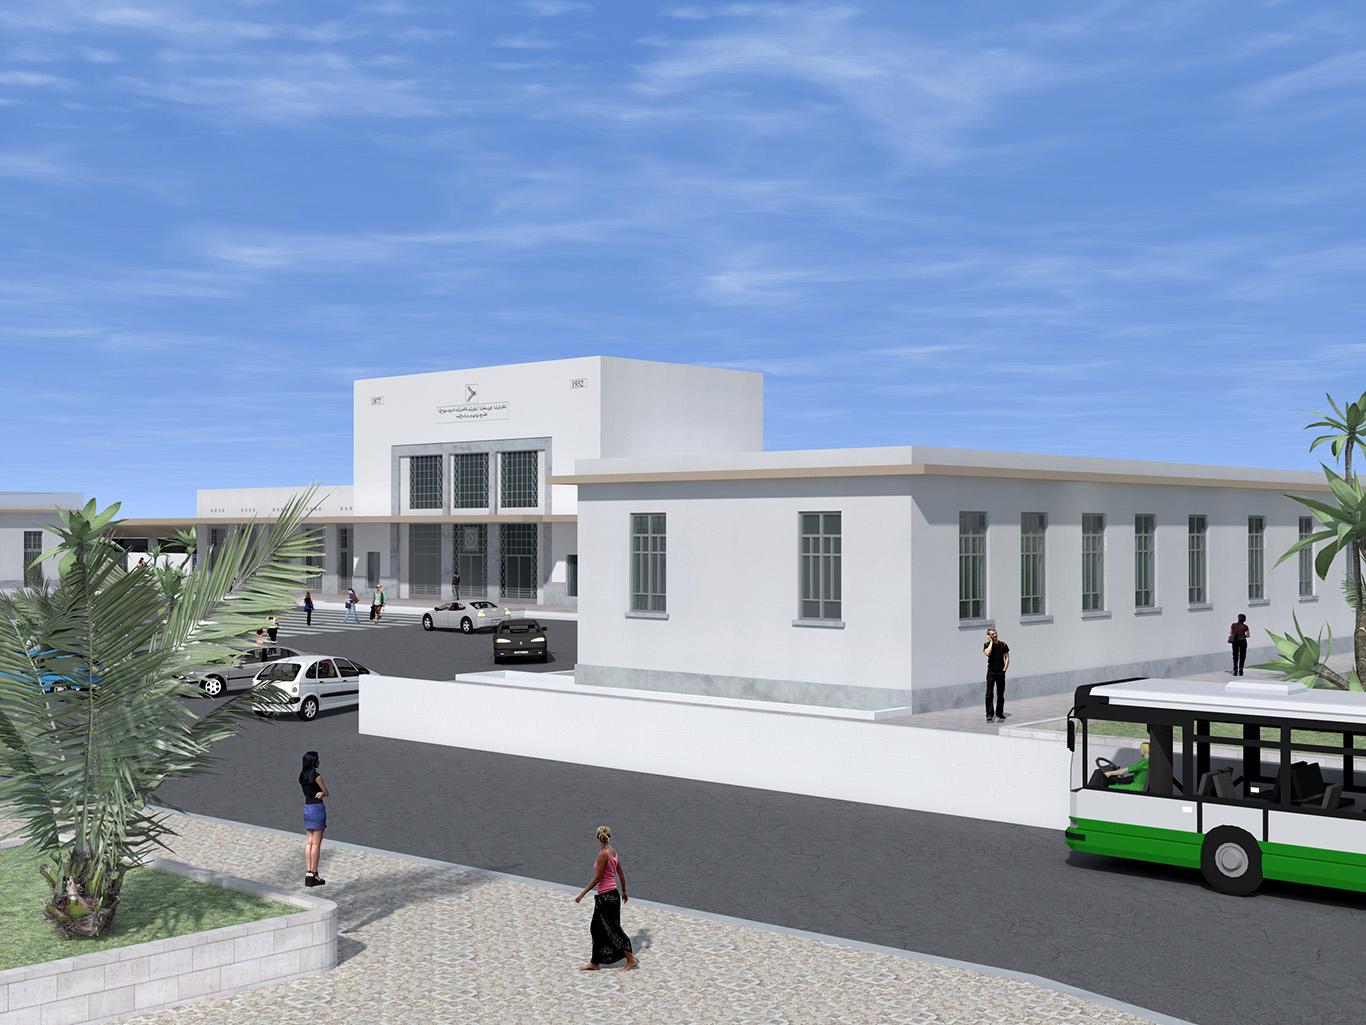 Stazione ferroviaria sidi bel abbess-1